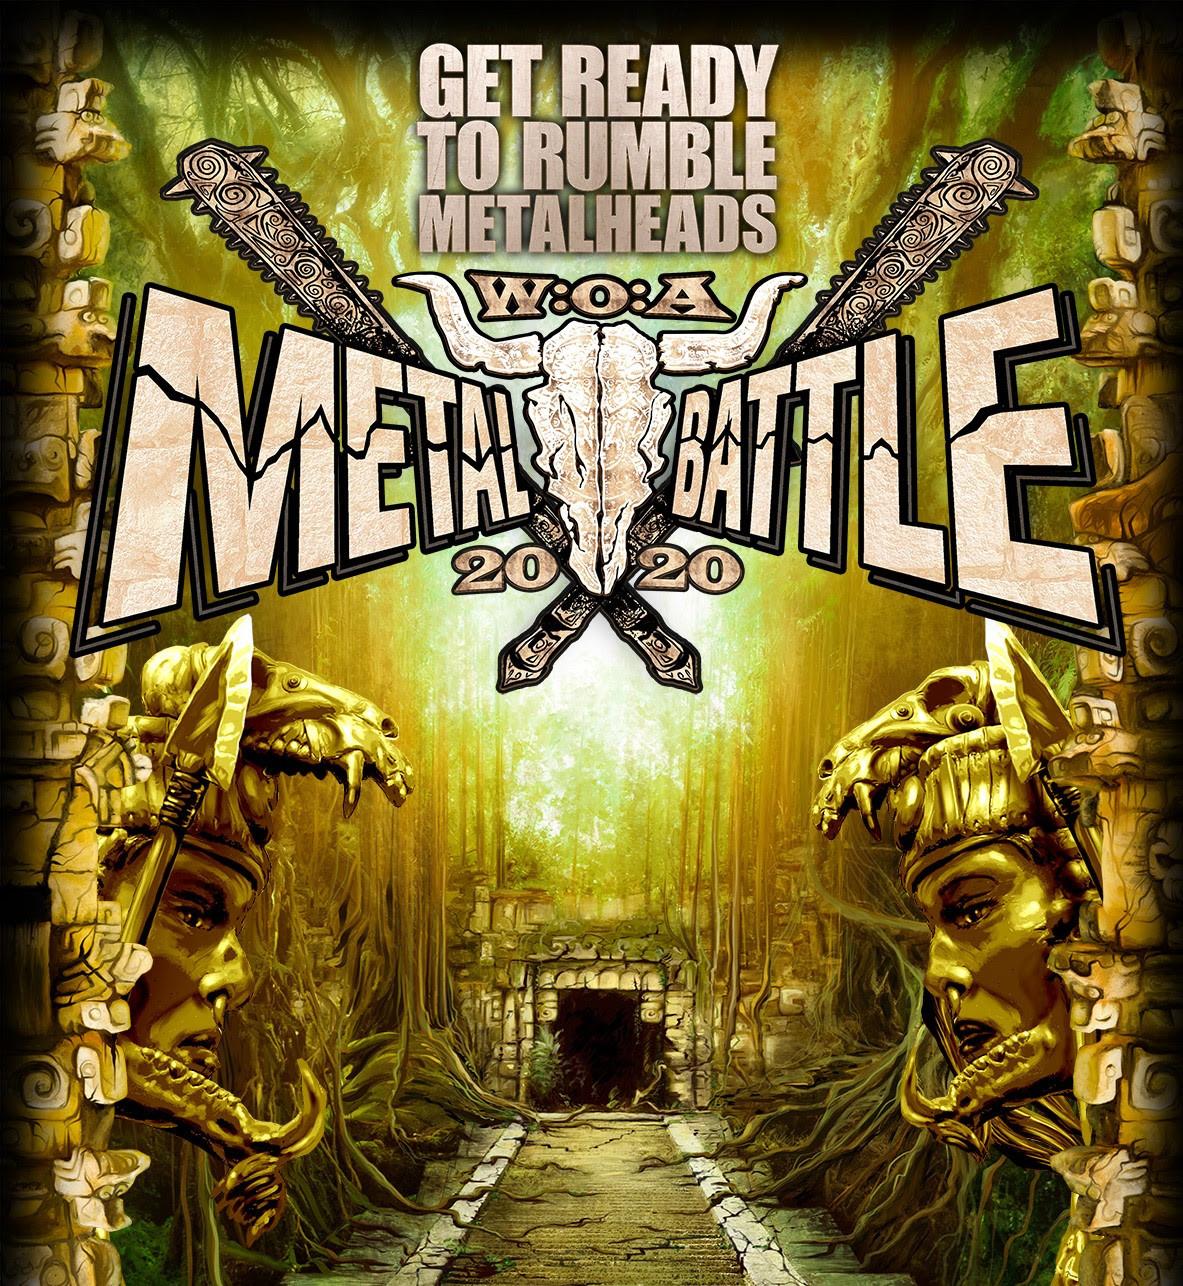 WACKEN METAL BATTLE USA 2020